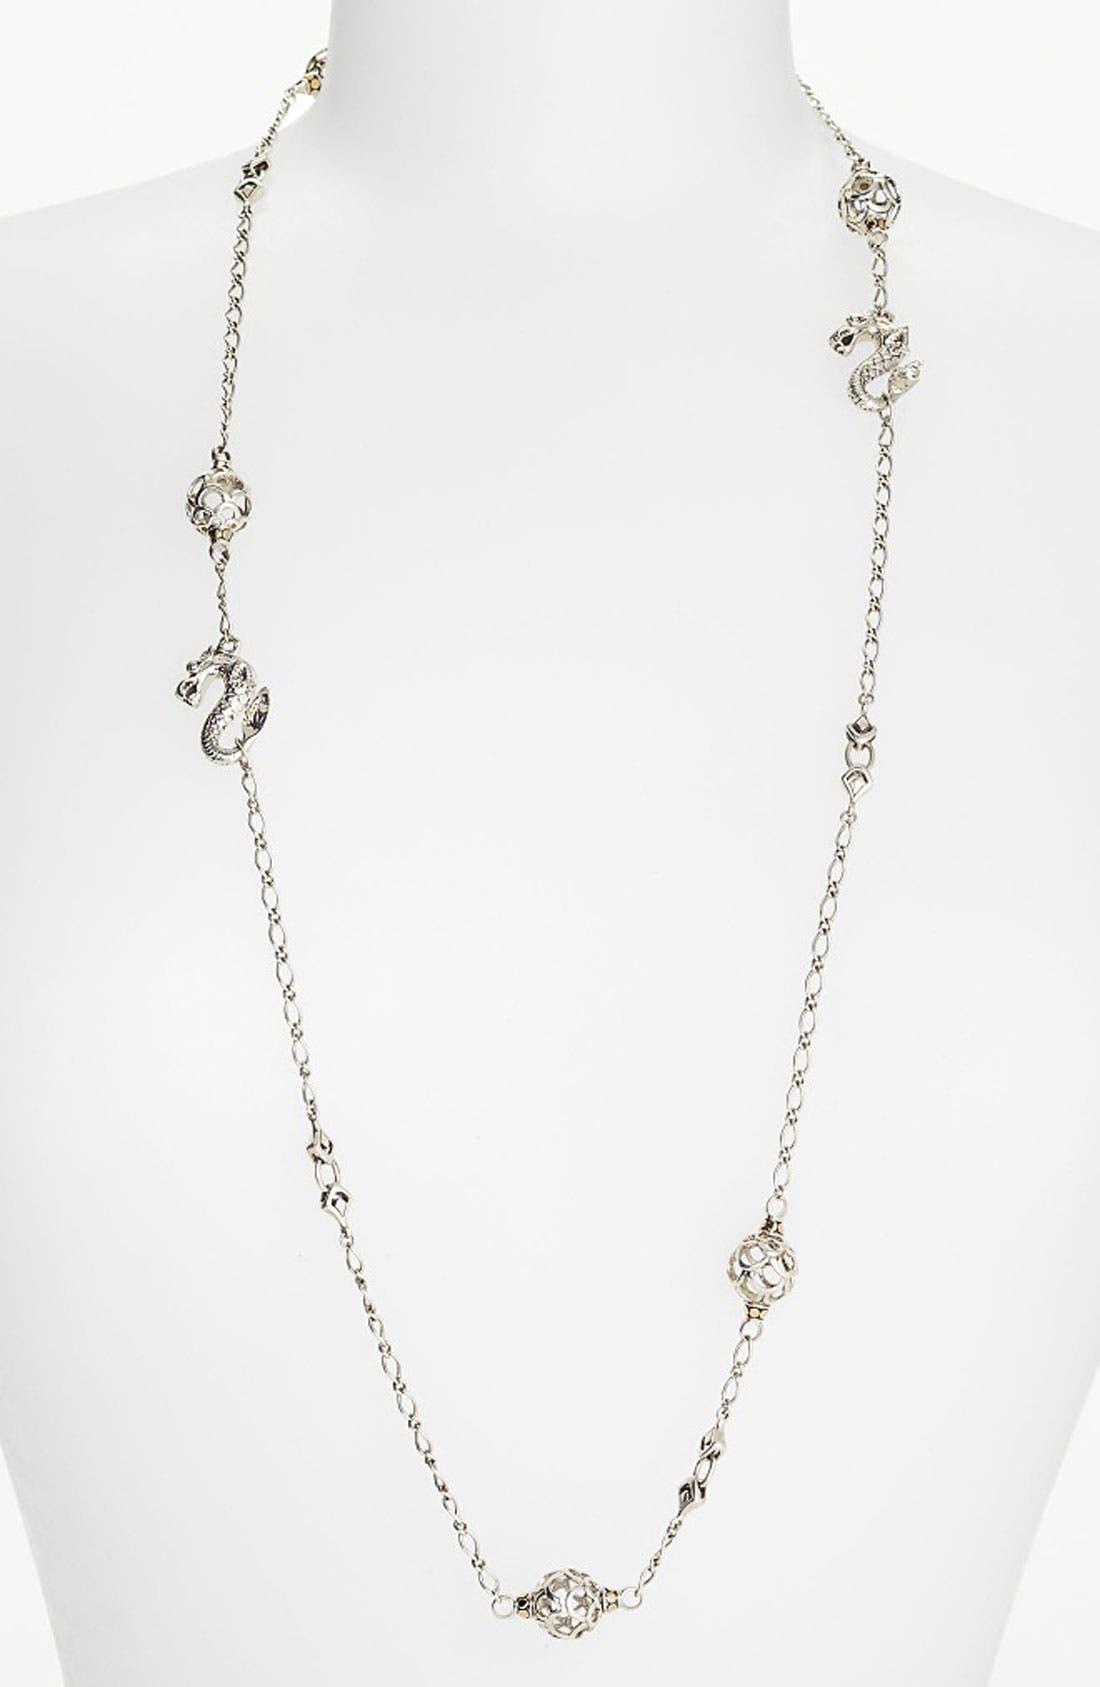 Main Image - John Hardy 'Naga' Long Sautoir Necklace